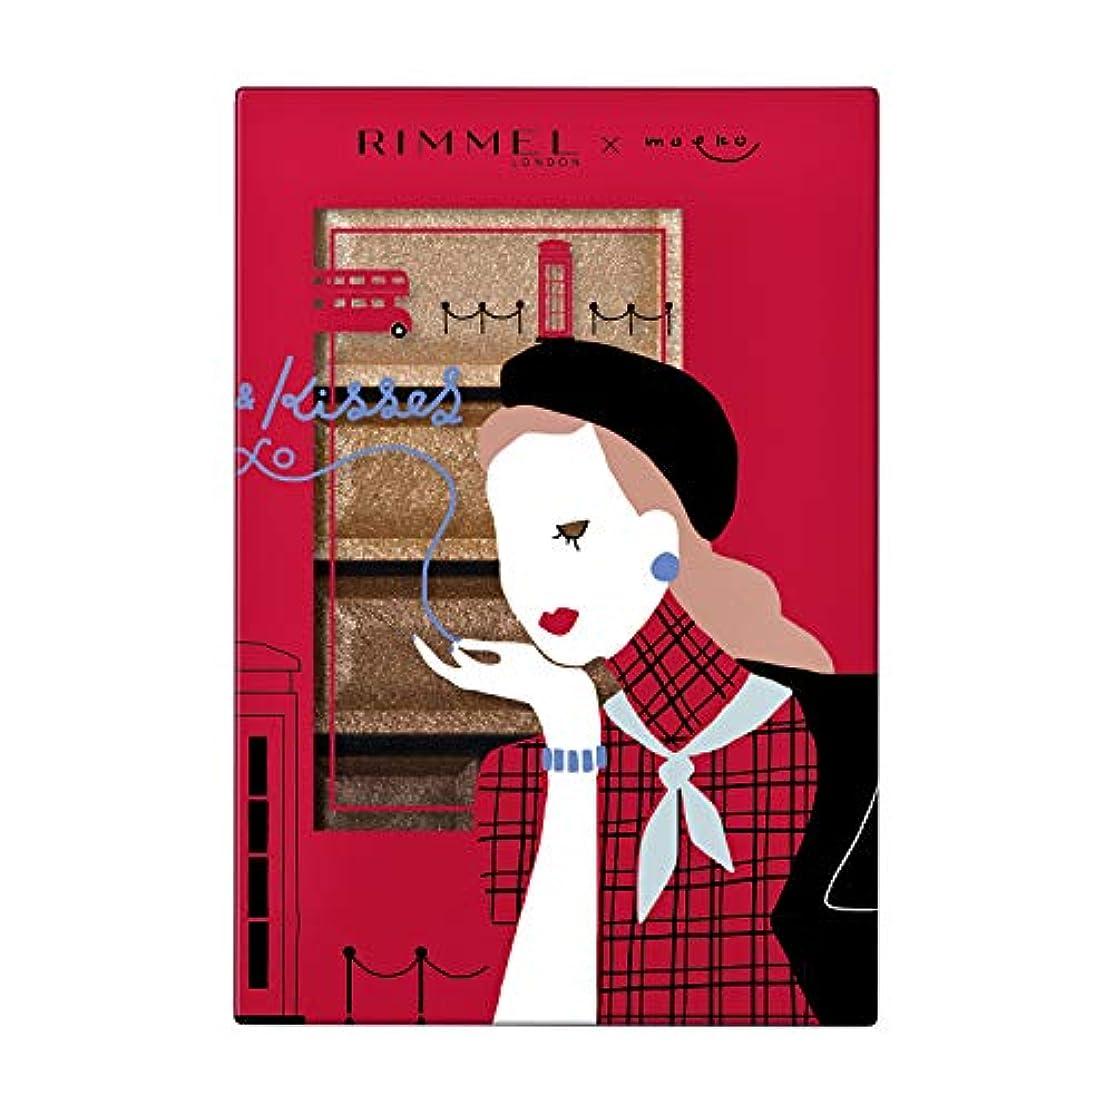 Rimmel (リンメル) ショコラスウィート アイズ アイシャドウ MO 002 アーモンドミルクショコラ 4.5g